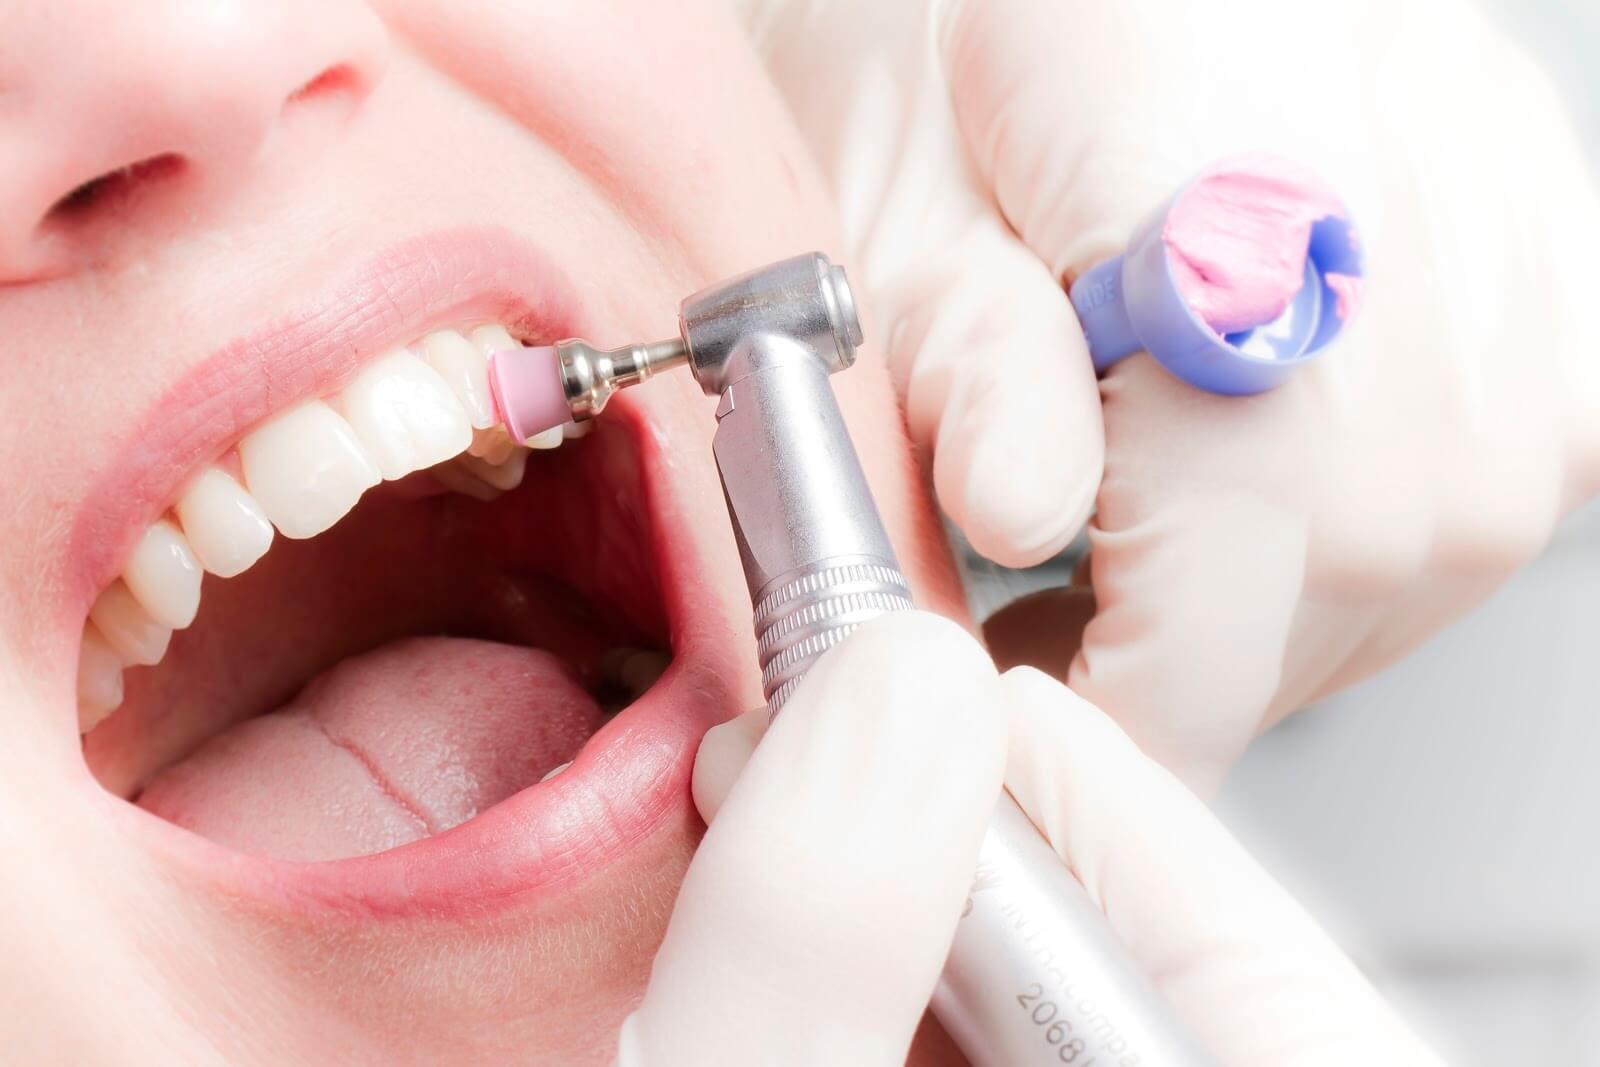 Цена на профессиональную гигиену полости рта